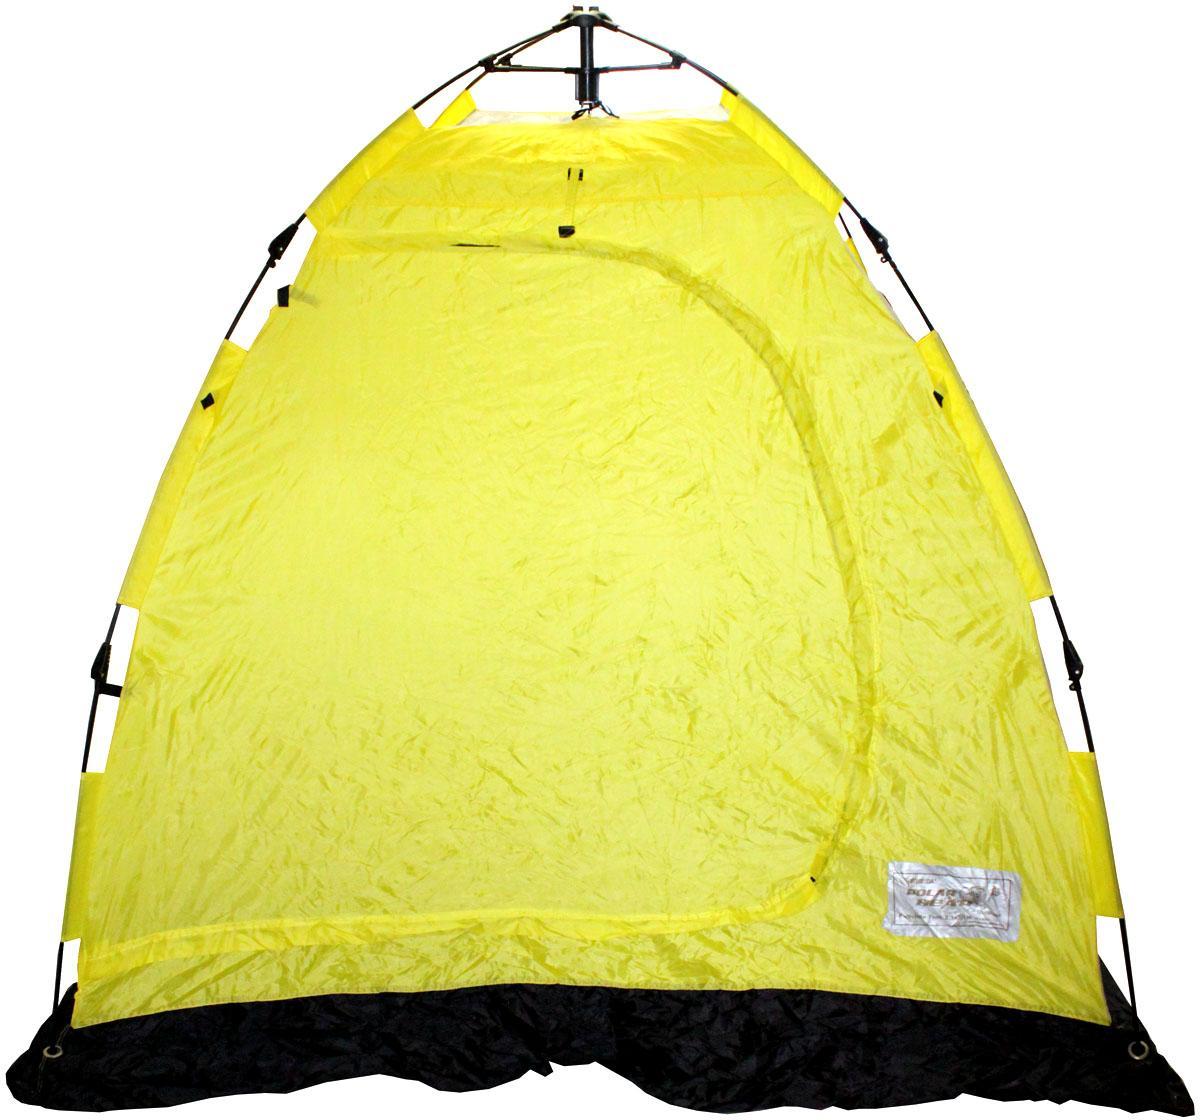 Палатка для зимней рыбалки п/автомат SWD  Polar Bear-2  (8620046) - артикул: 414460325